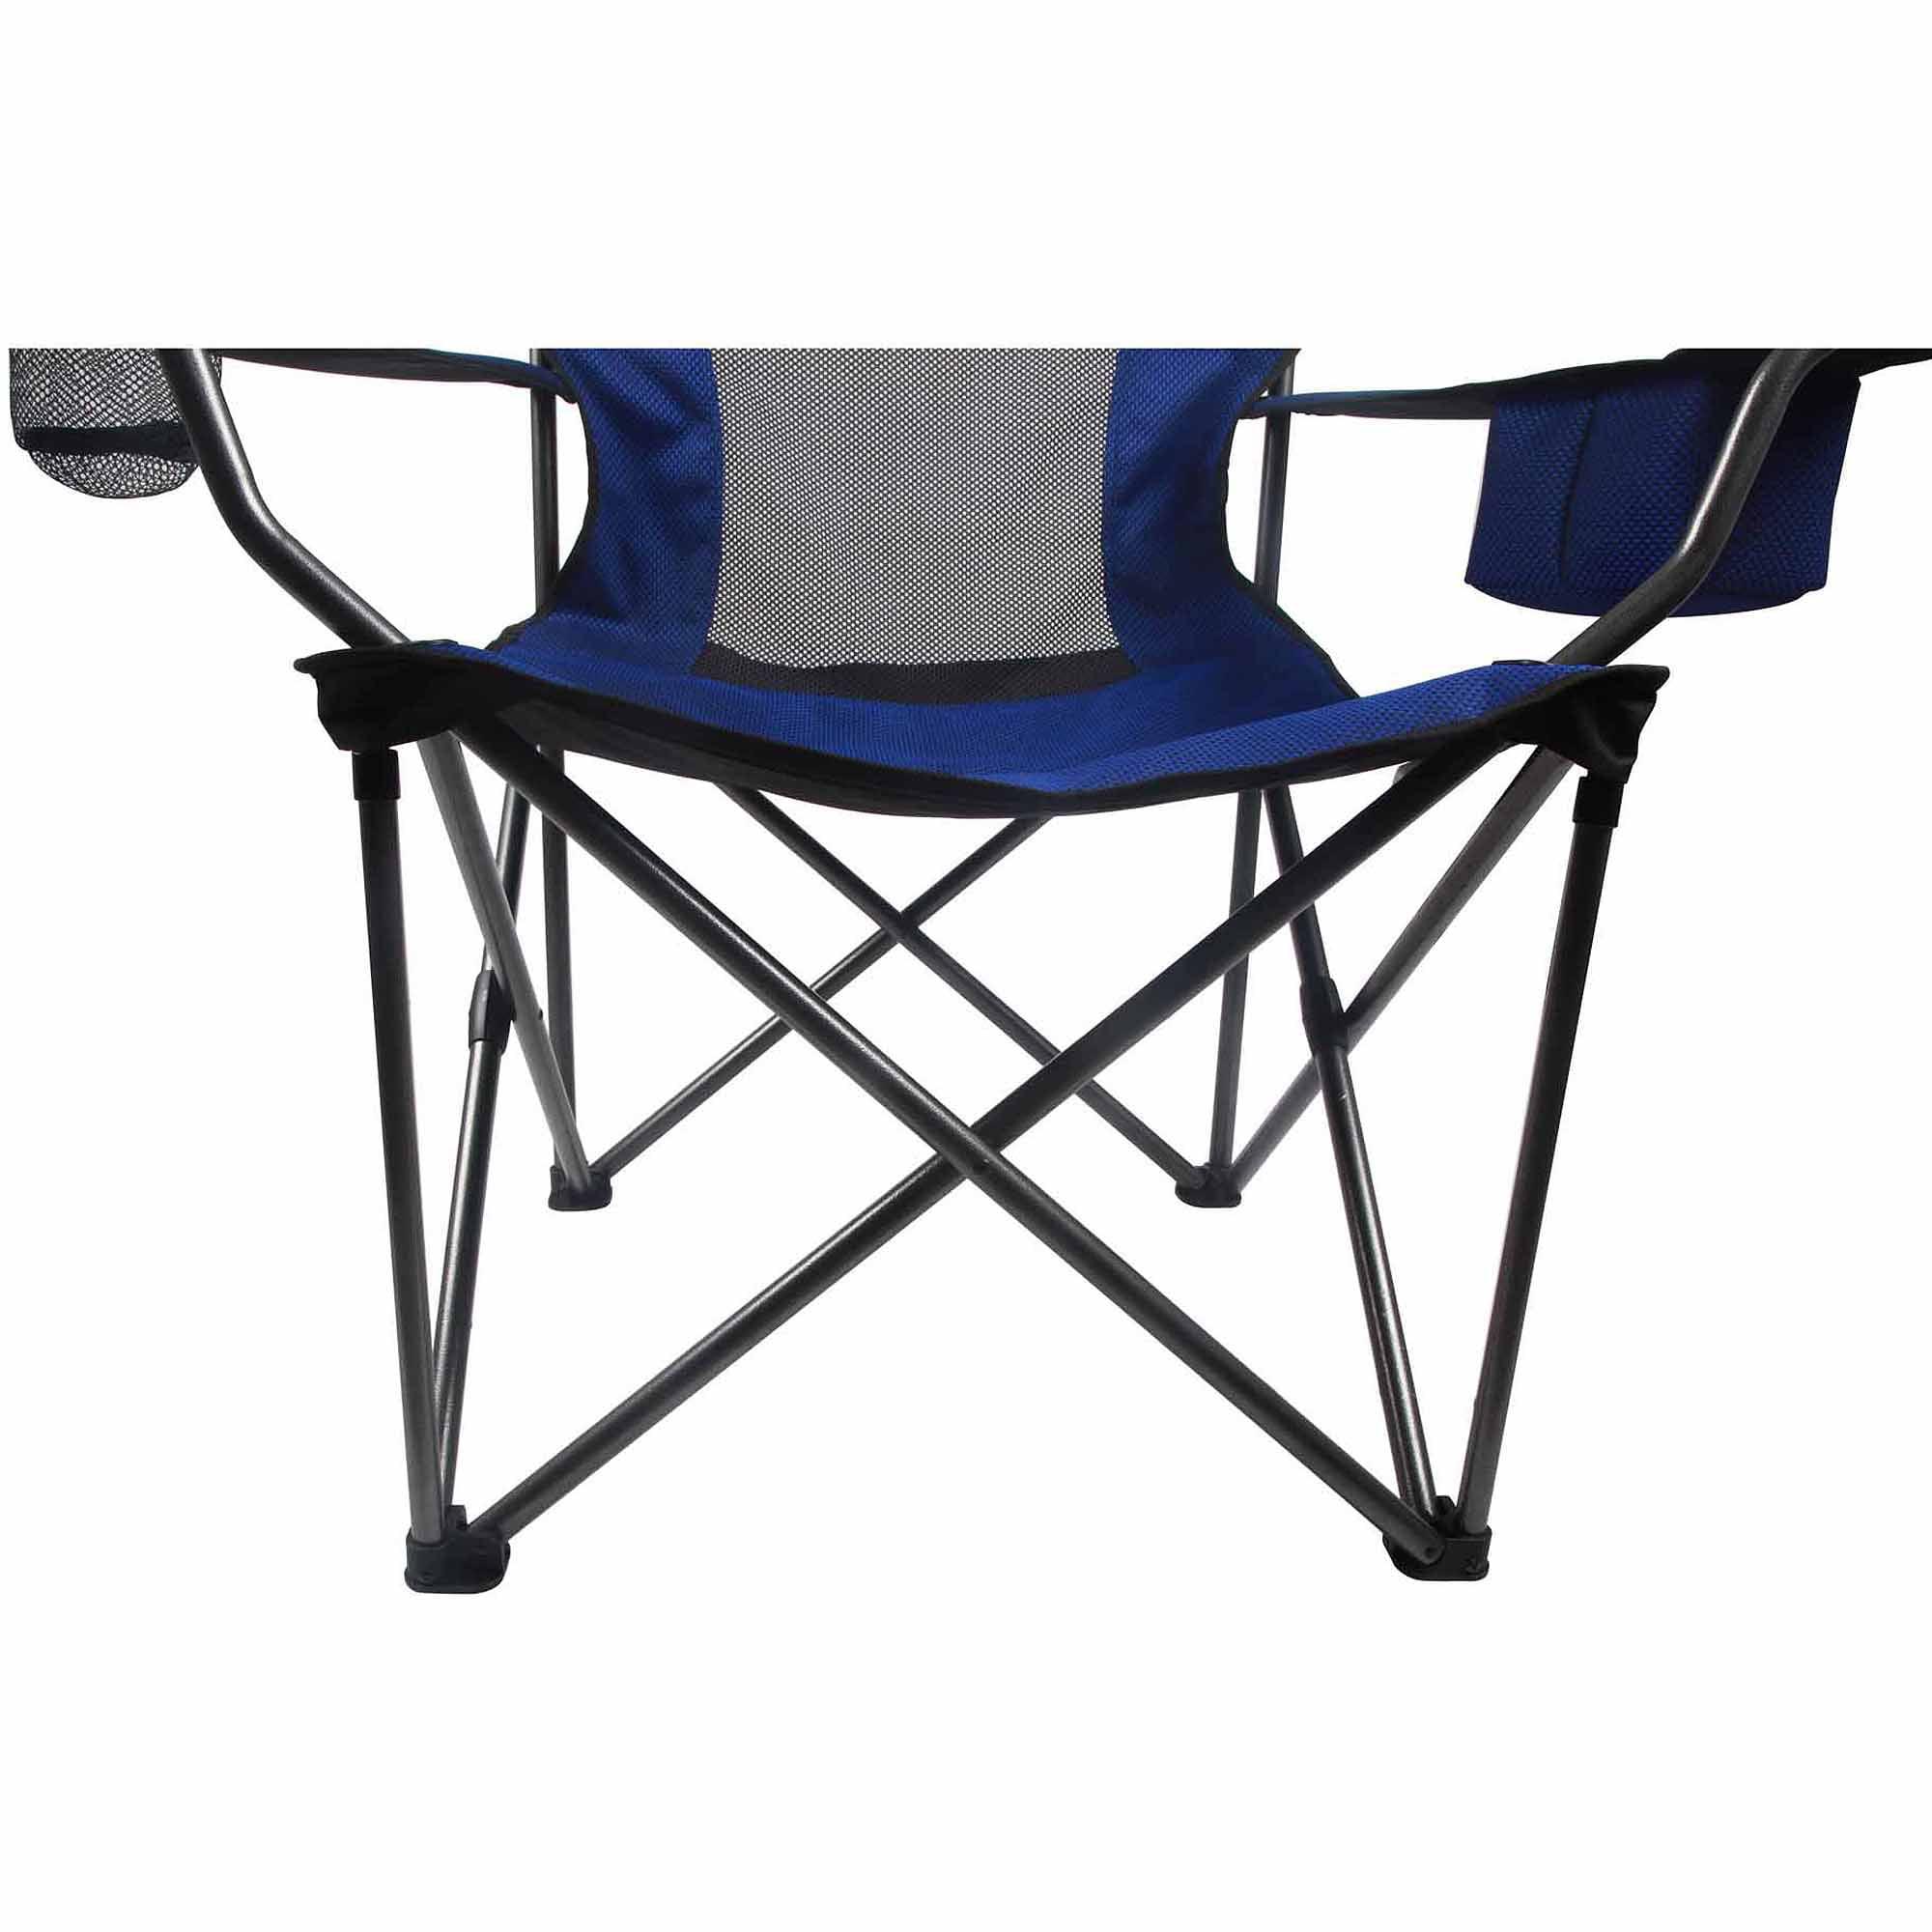 Northcrest Outdoor Furniture Furniture Designs